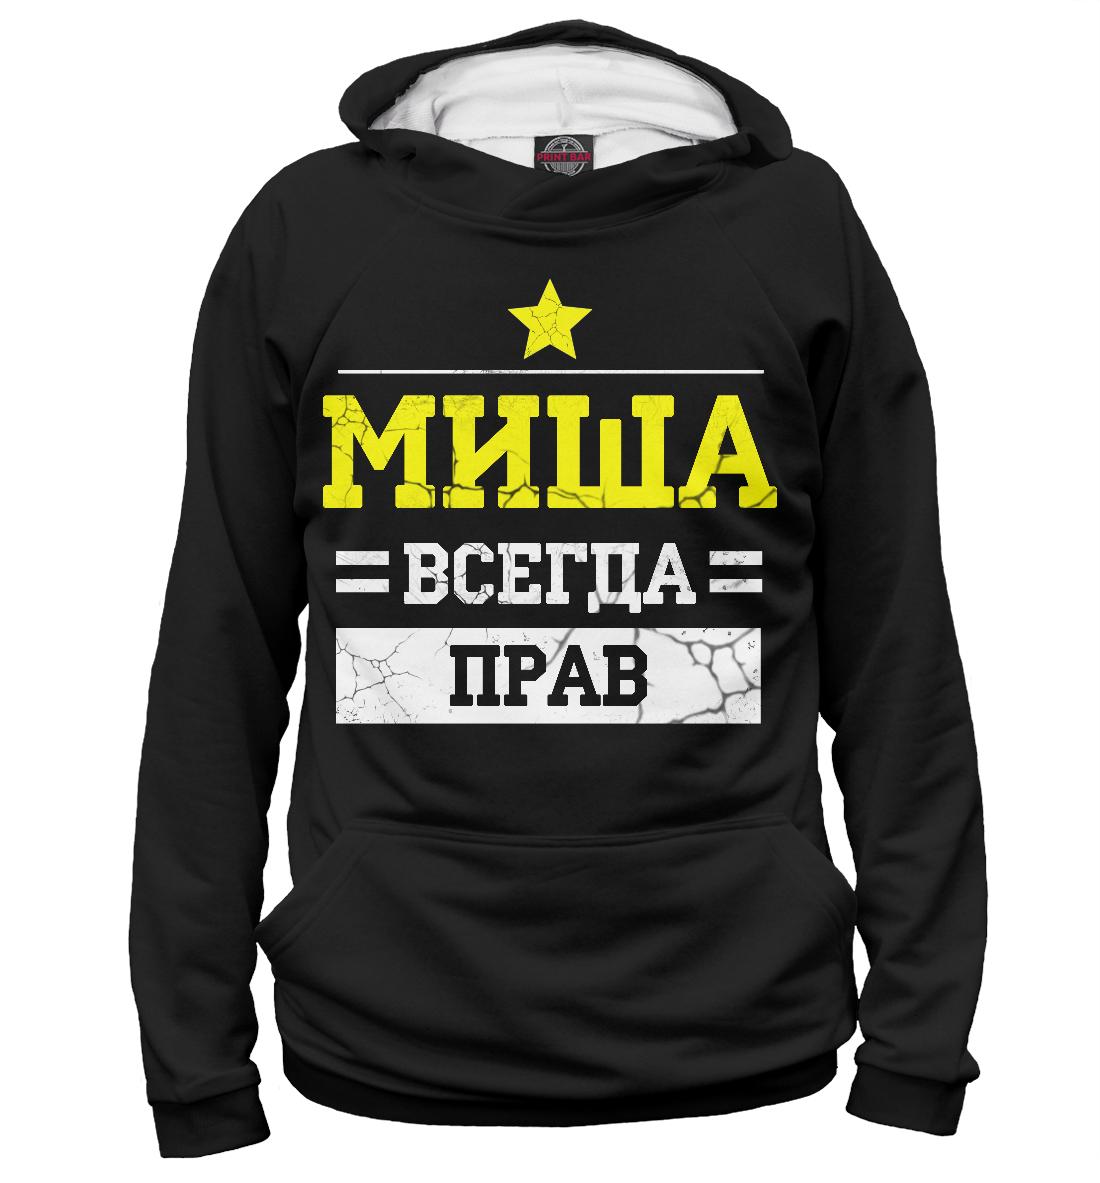 Купить Миша, Printbar, Худи, MCH-265572-hud-2